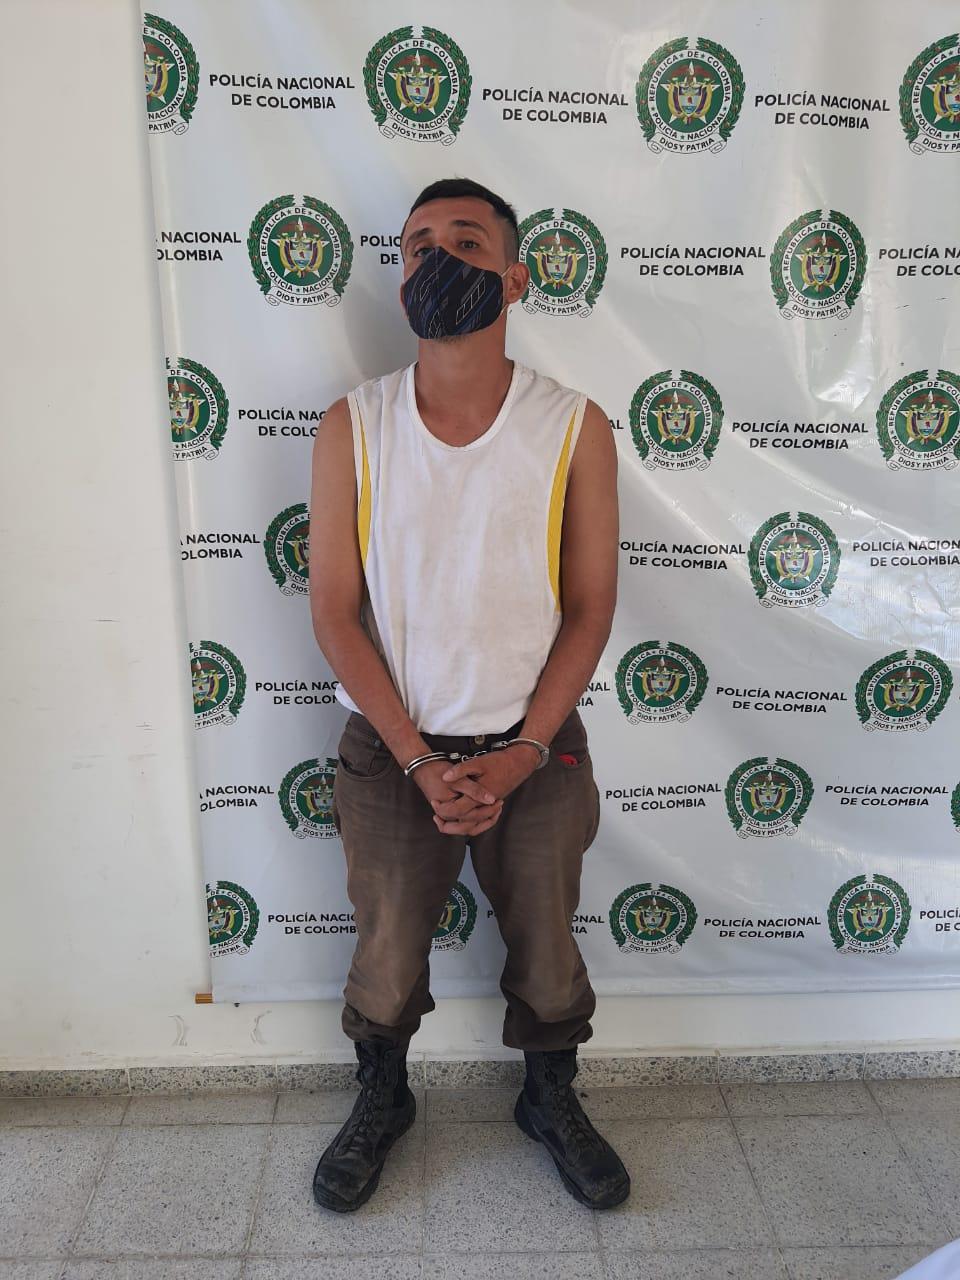 Éste es el pirata terrestres que secuestro 20 agricultores el fin de semana en Venadillo 4